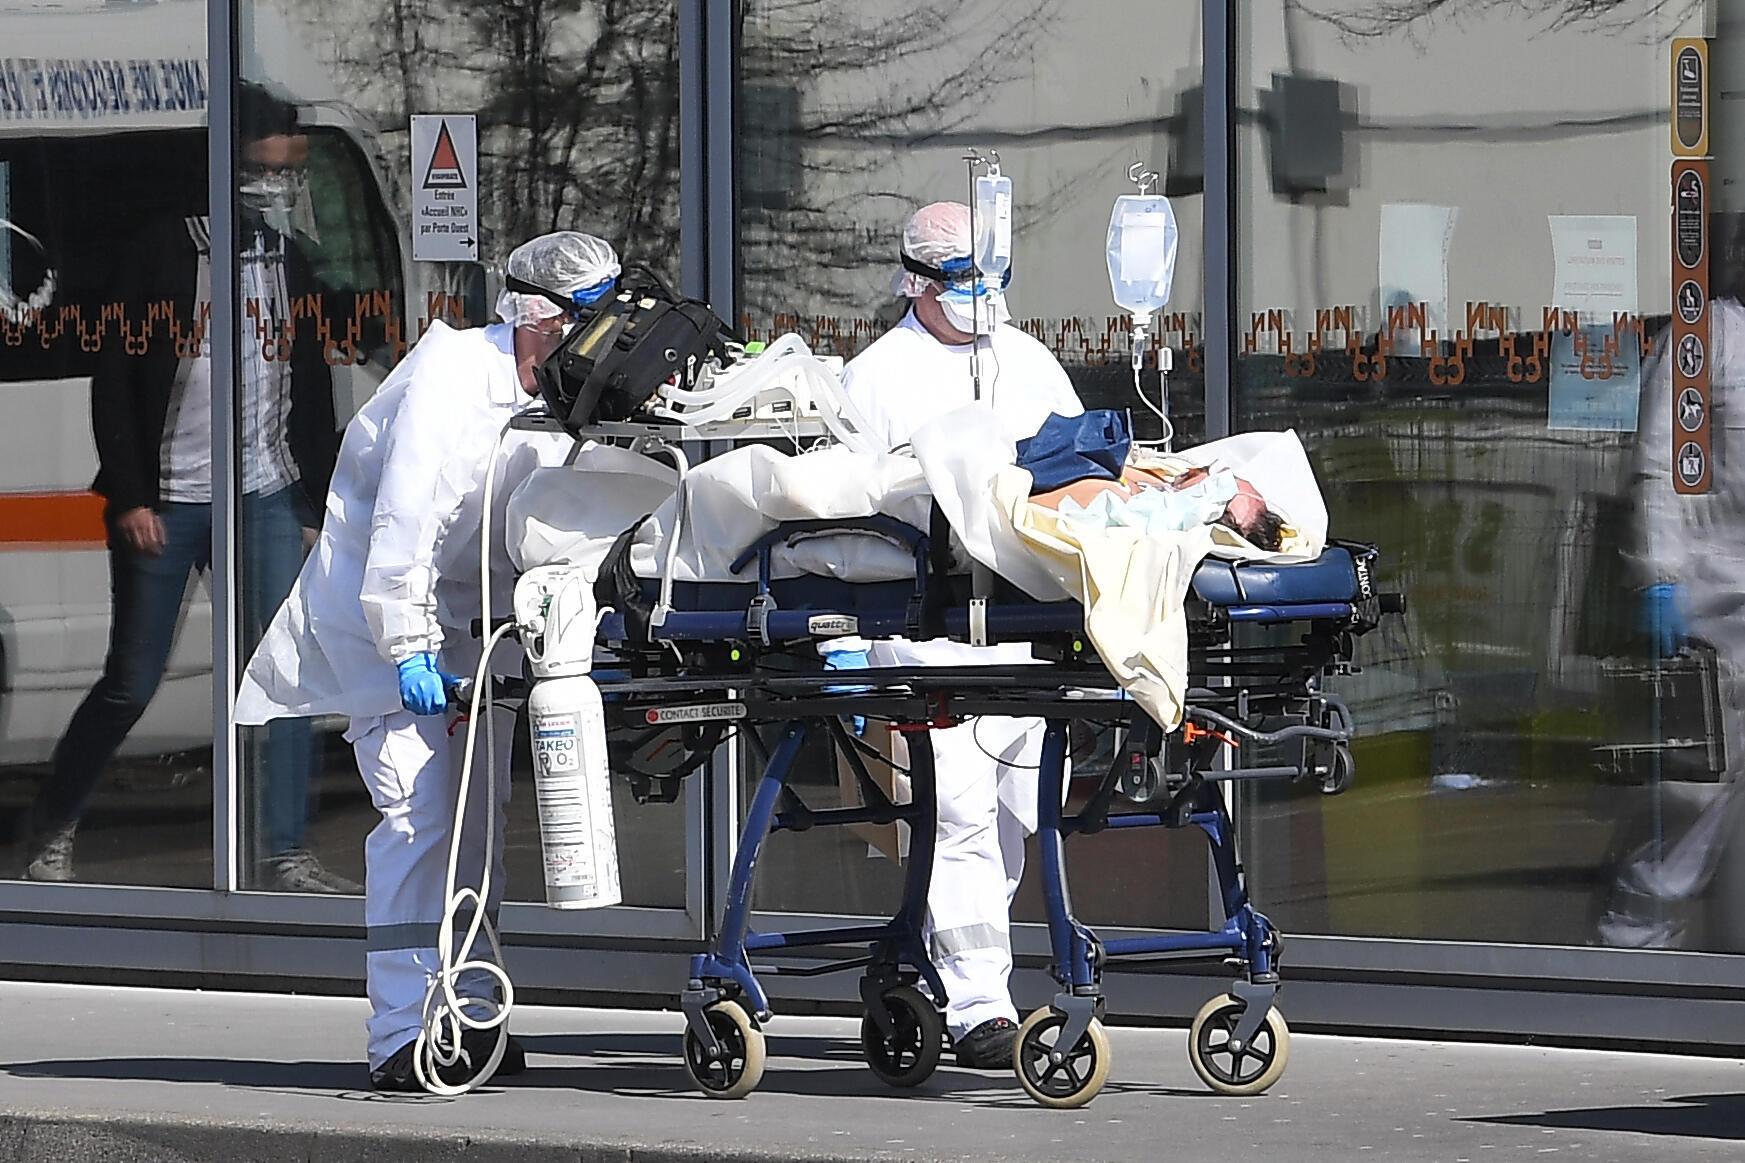 Un paciente con ayuda respiratoria es conducido al hospital Universitario de Estrasburgo por miembros del servicio de urgencias vestidos con trajes protectores el 16 de marzo de 2020 en la ciudad francesa